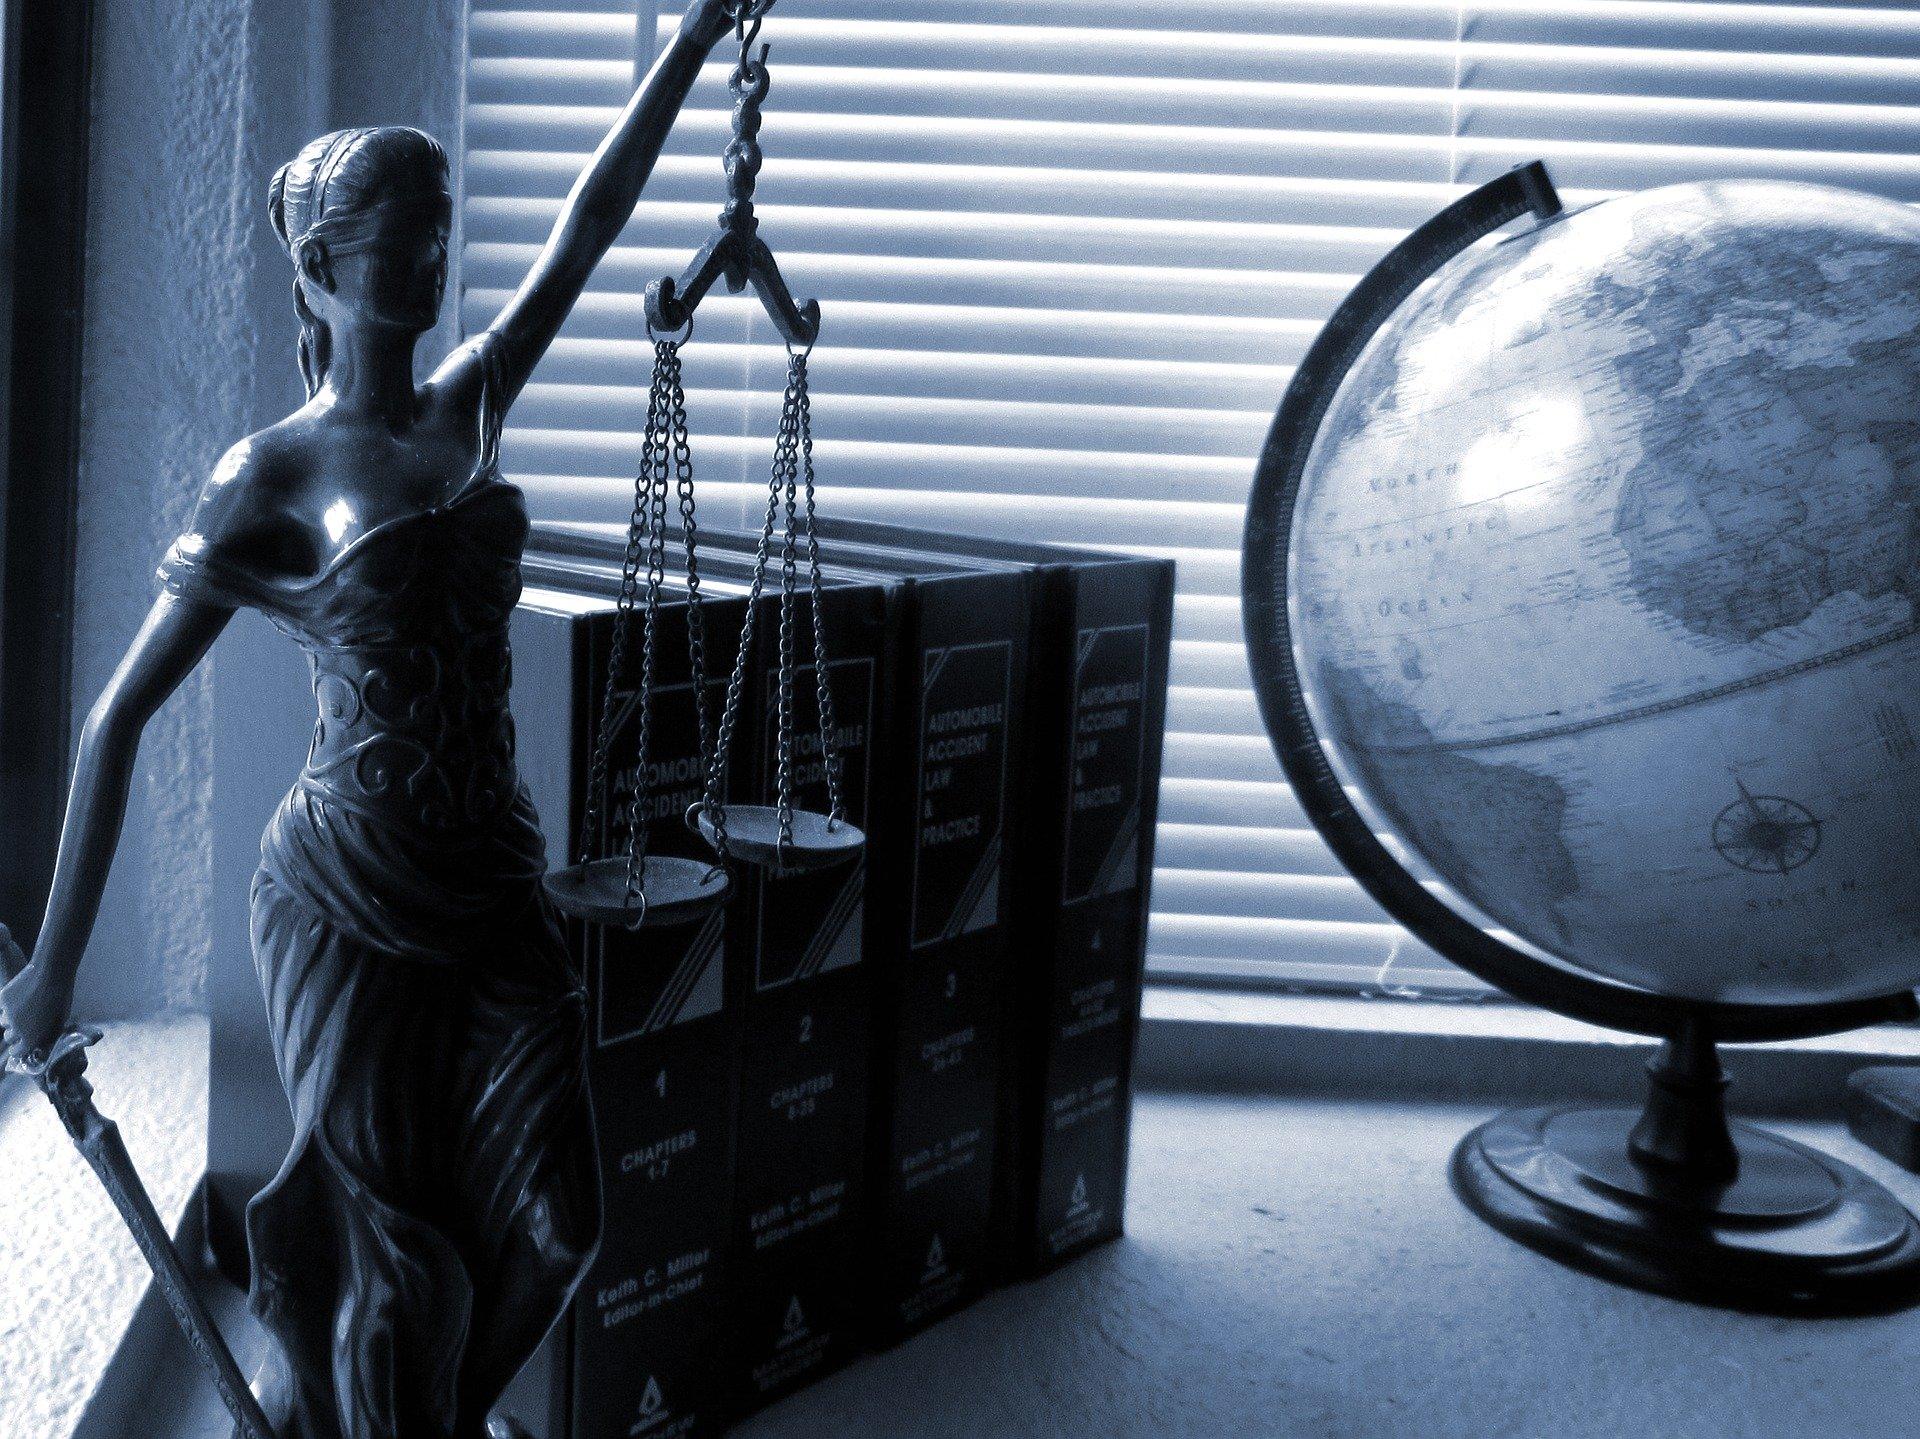 beter gevonden worden op juridisch advies